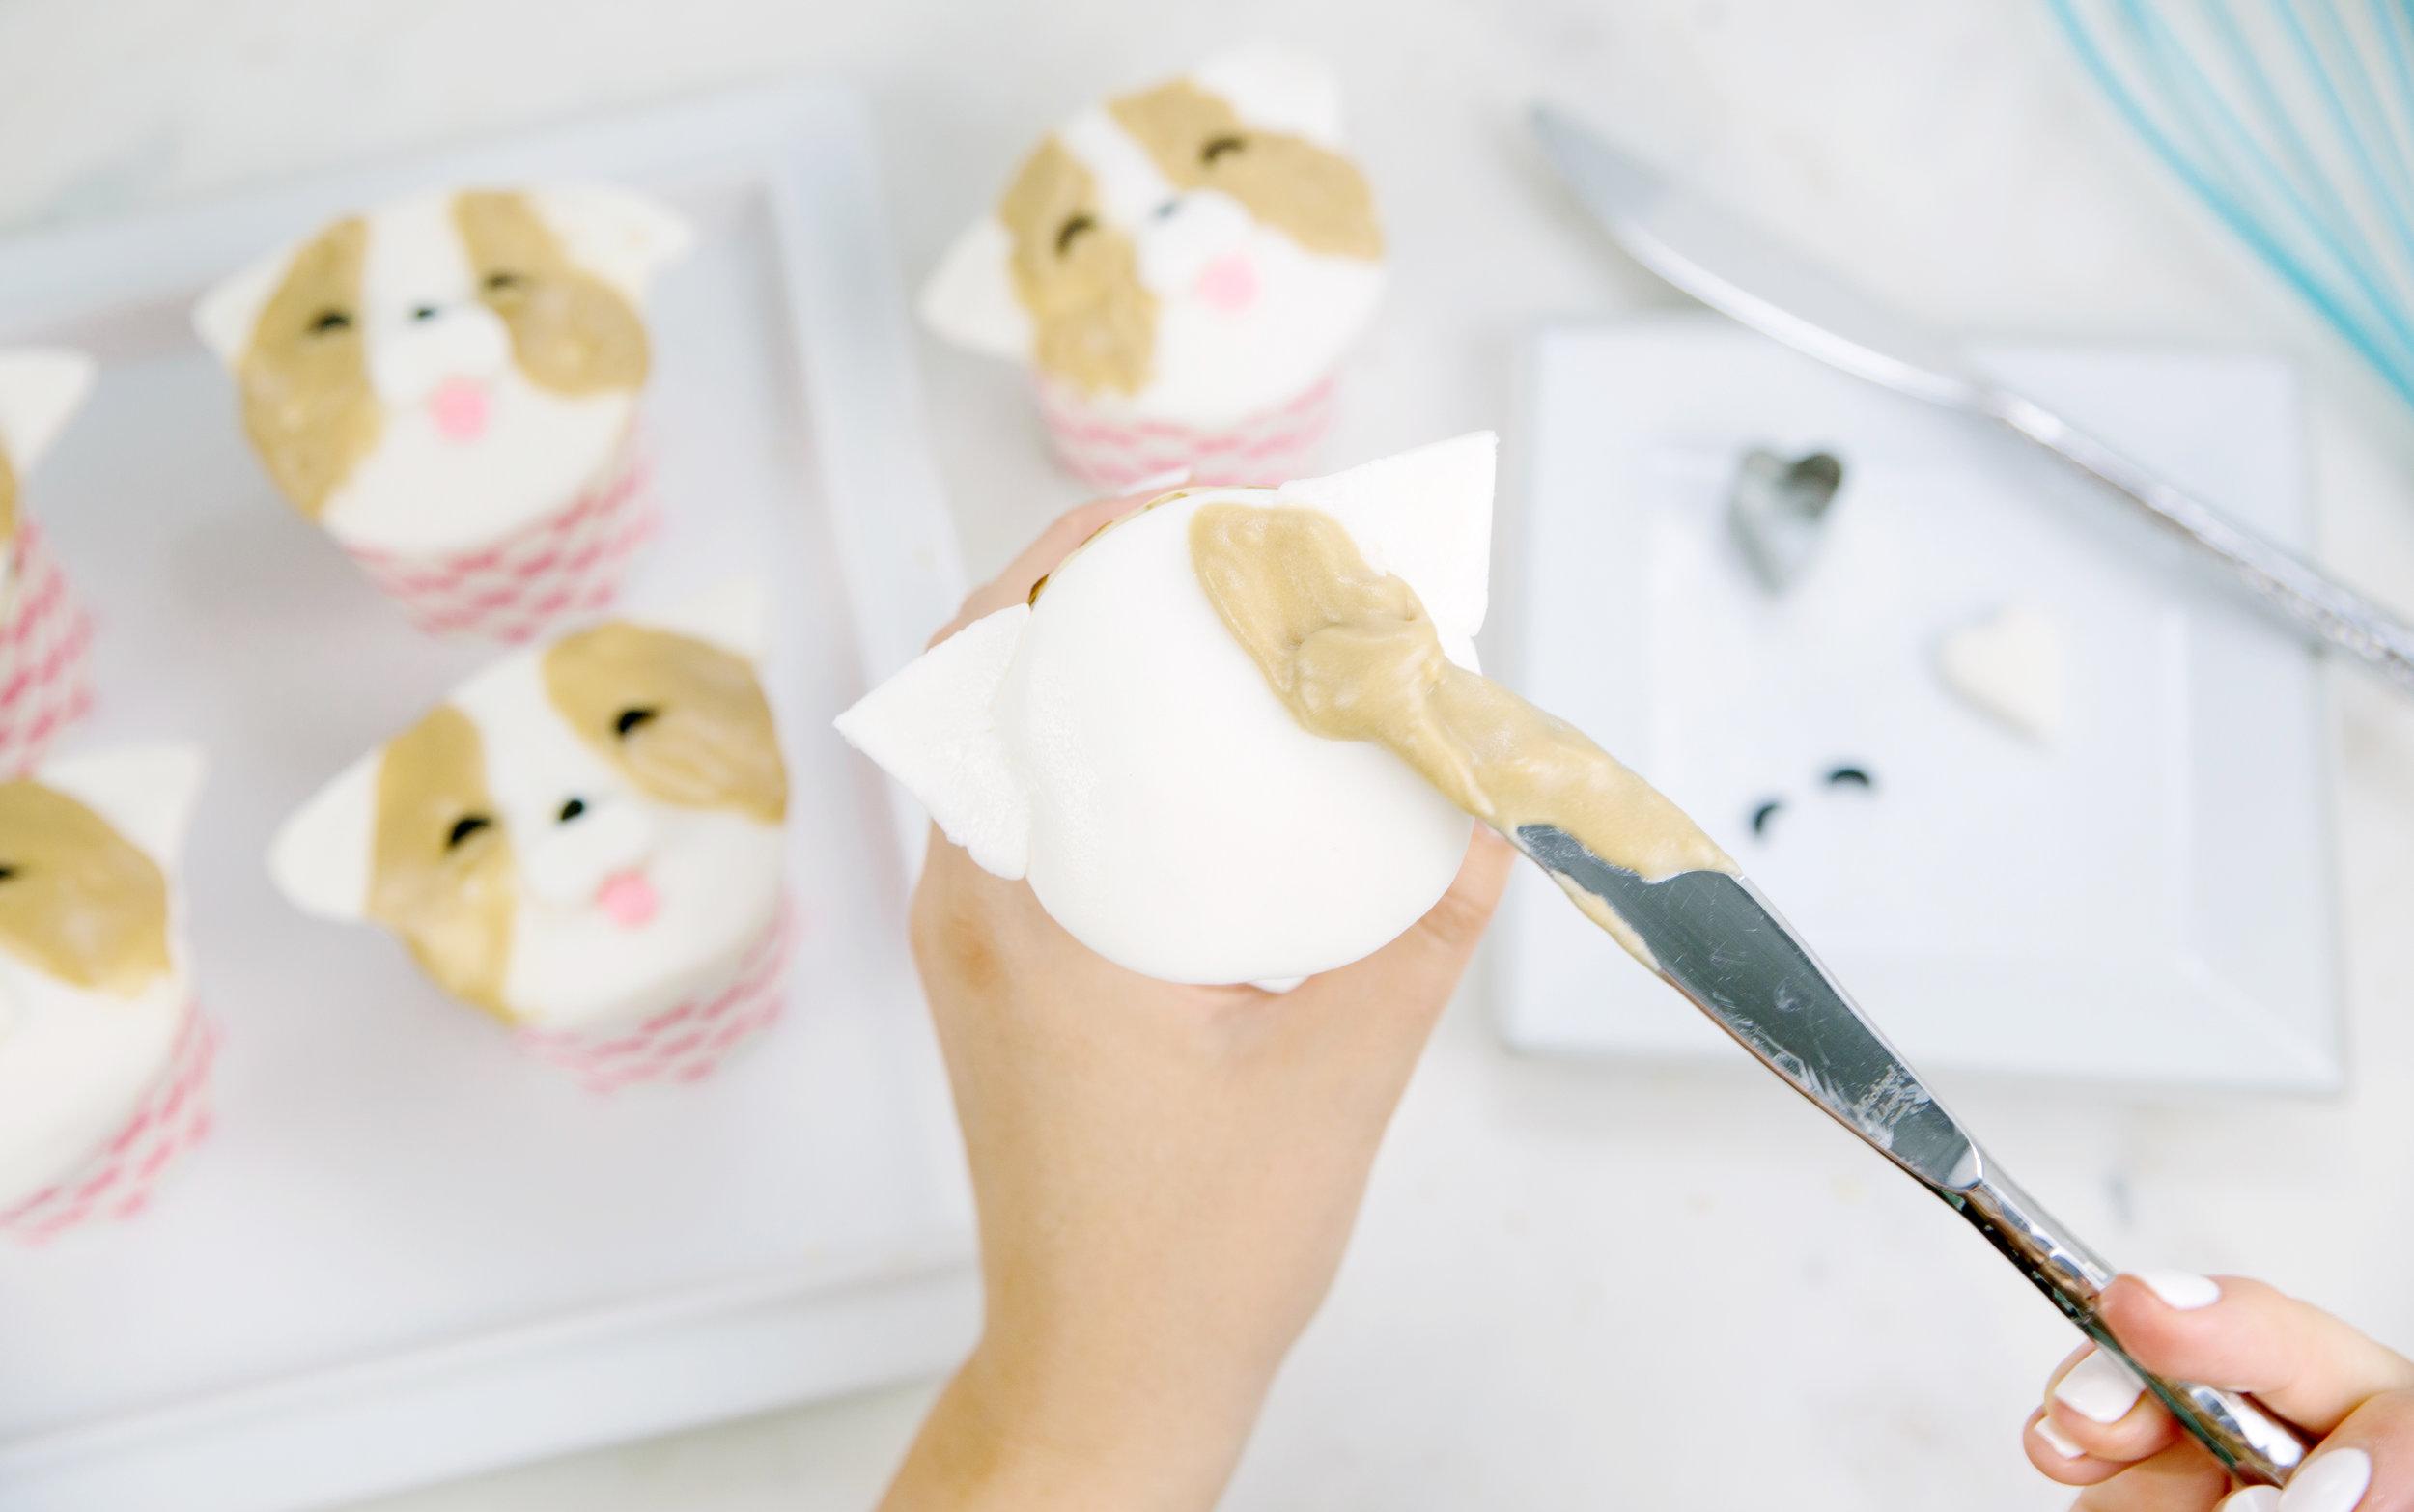 Corgi cupcakes for a corgi dessert or corgi treats. Recipes for cooking corgi cake or cupcakes.